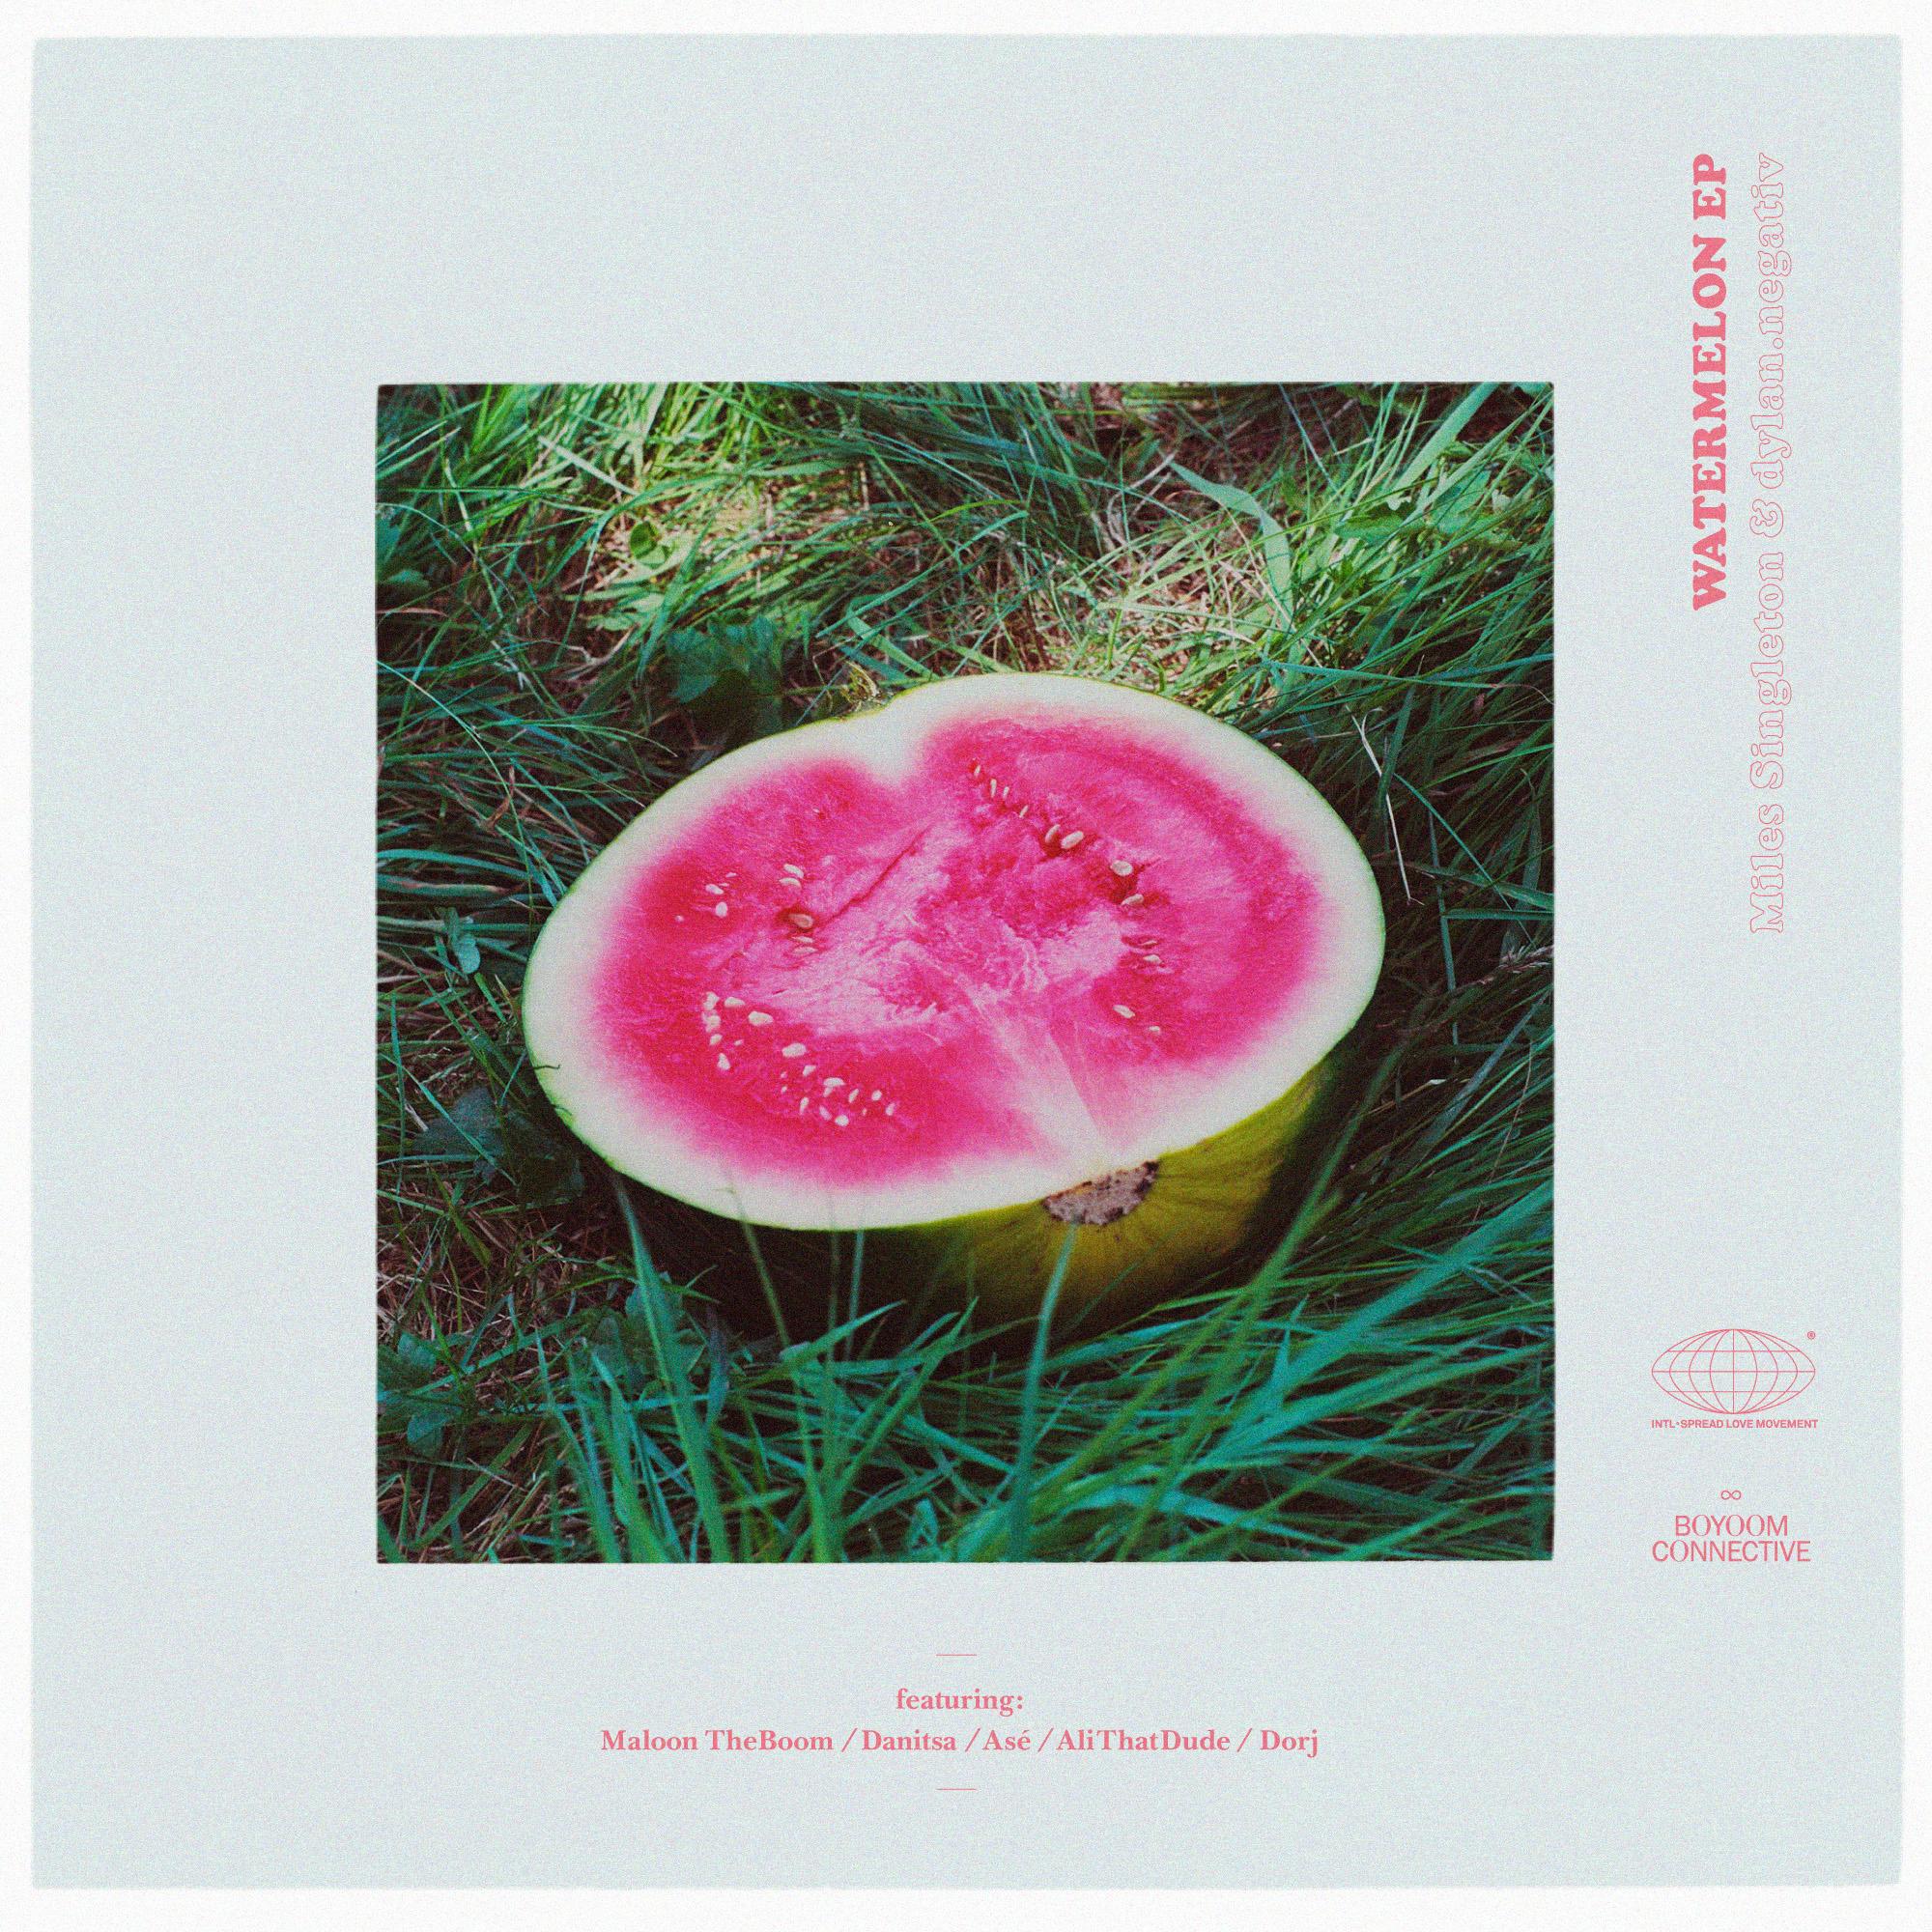 Watermelon EP (Album Cover)